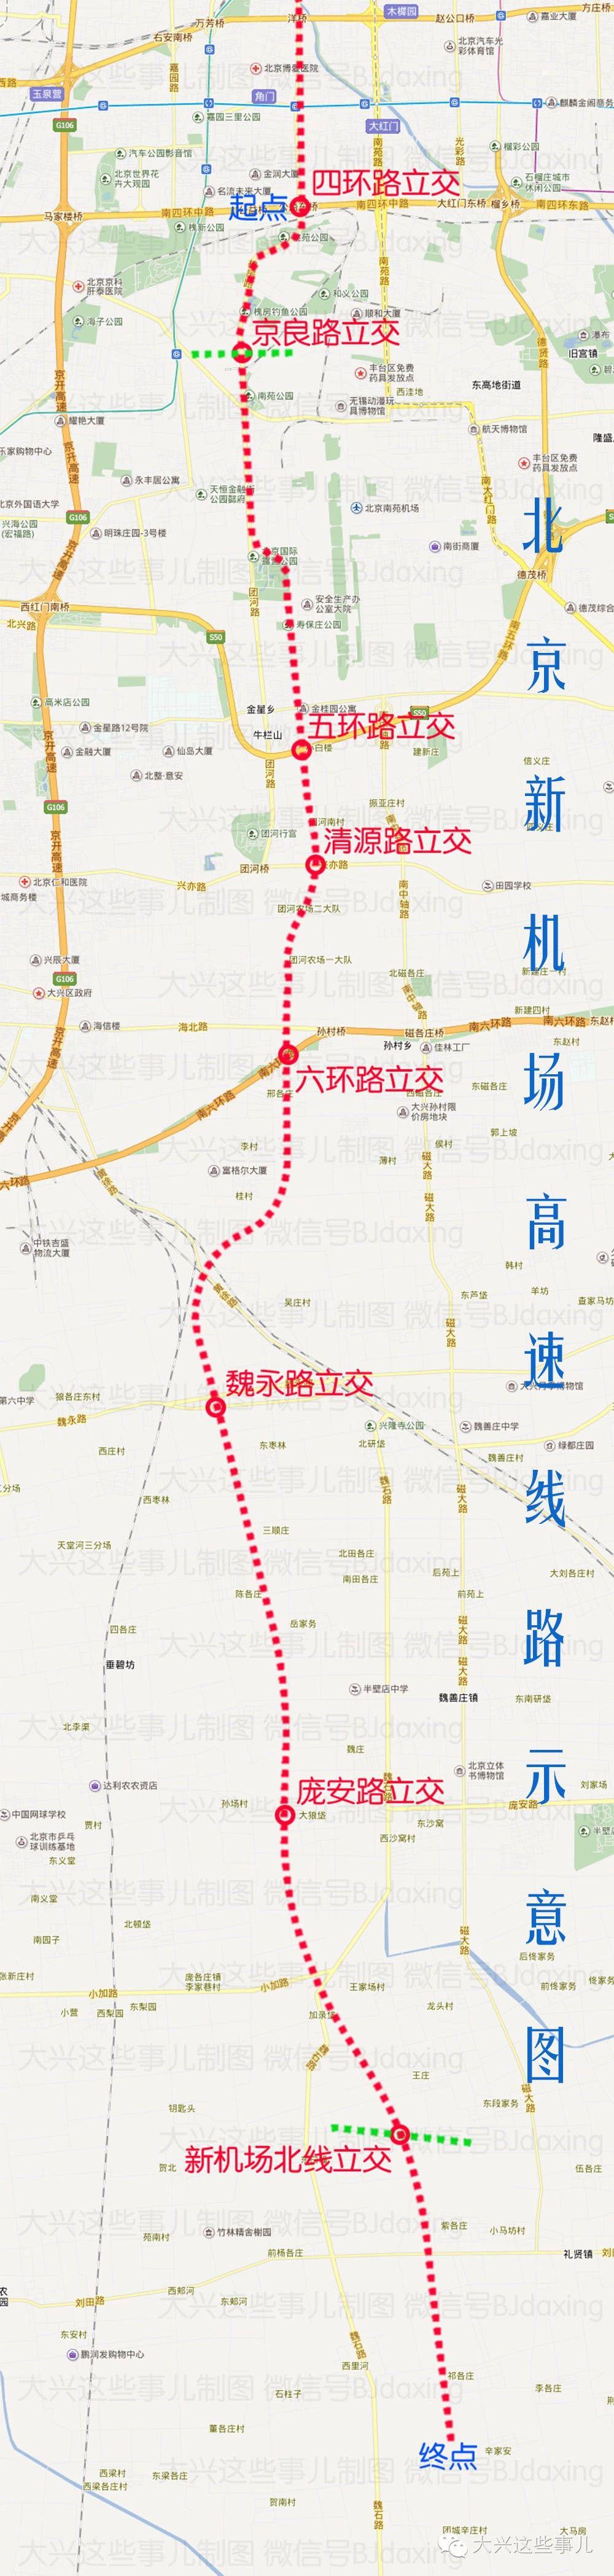 桥结构形式,双向六车道,设计时速为80公里;五环至终点段为高速公路,长